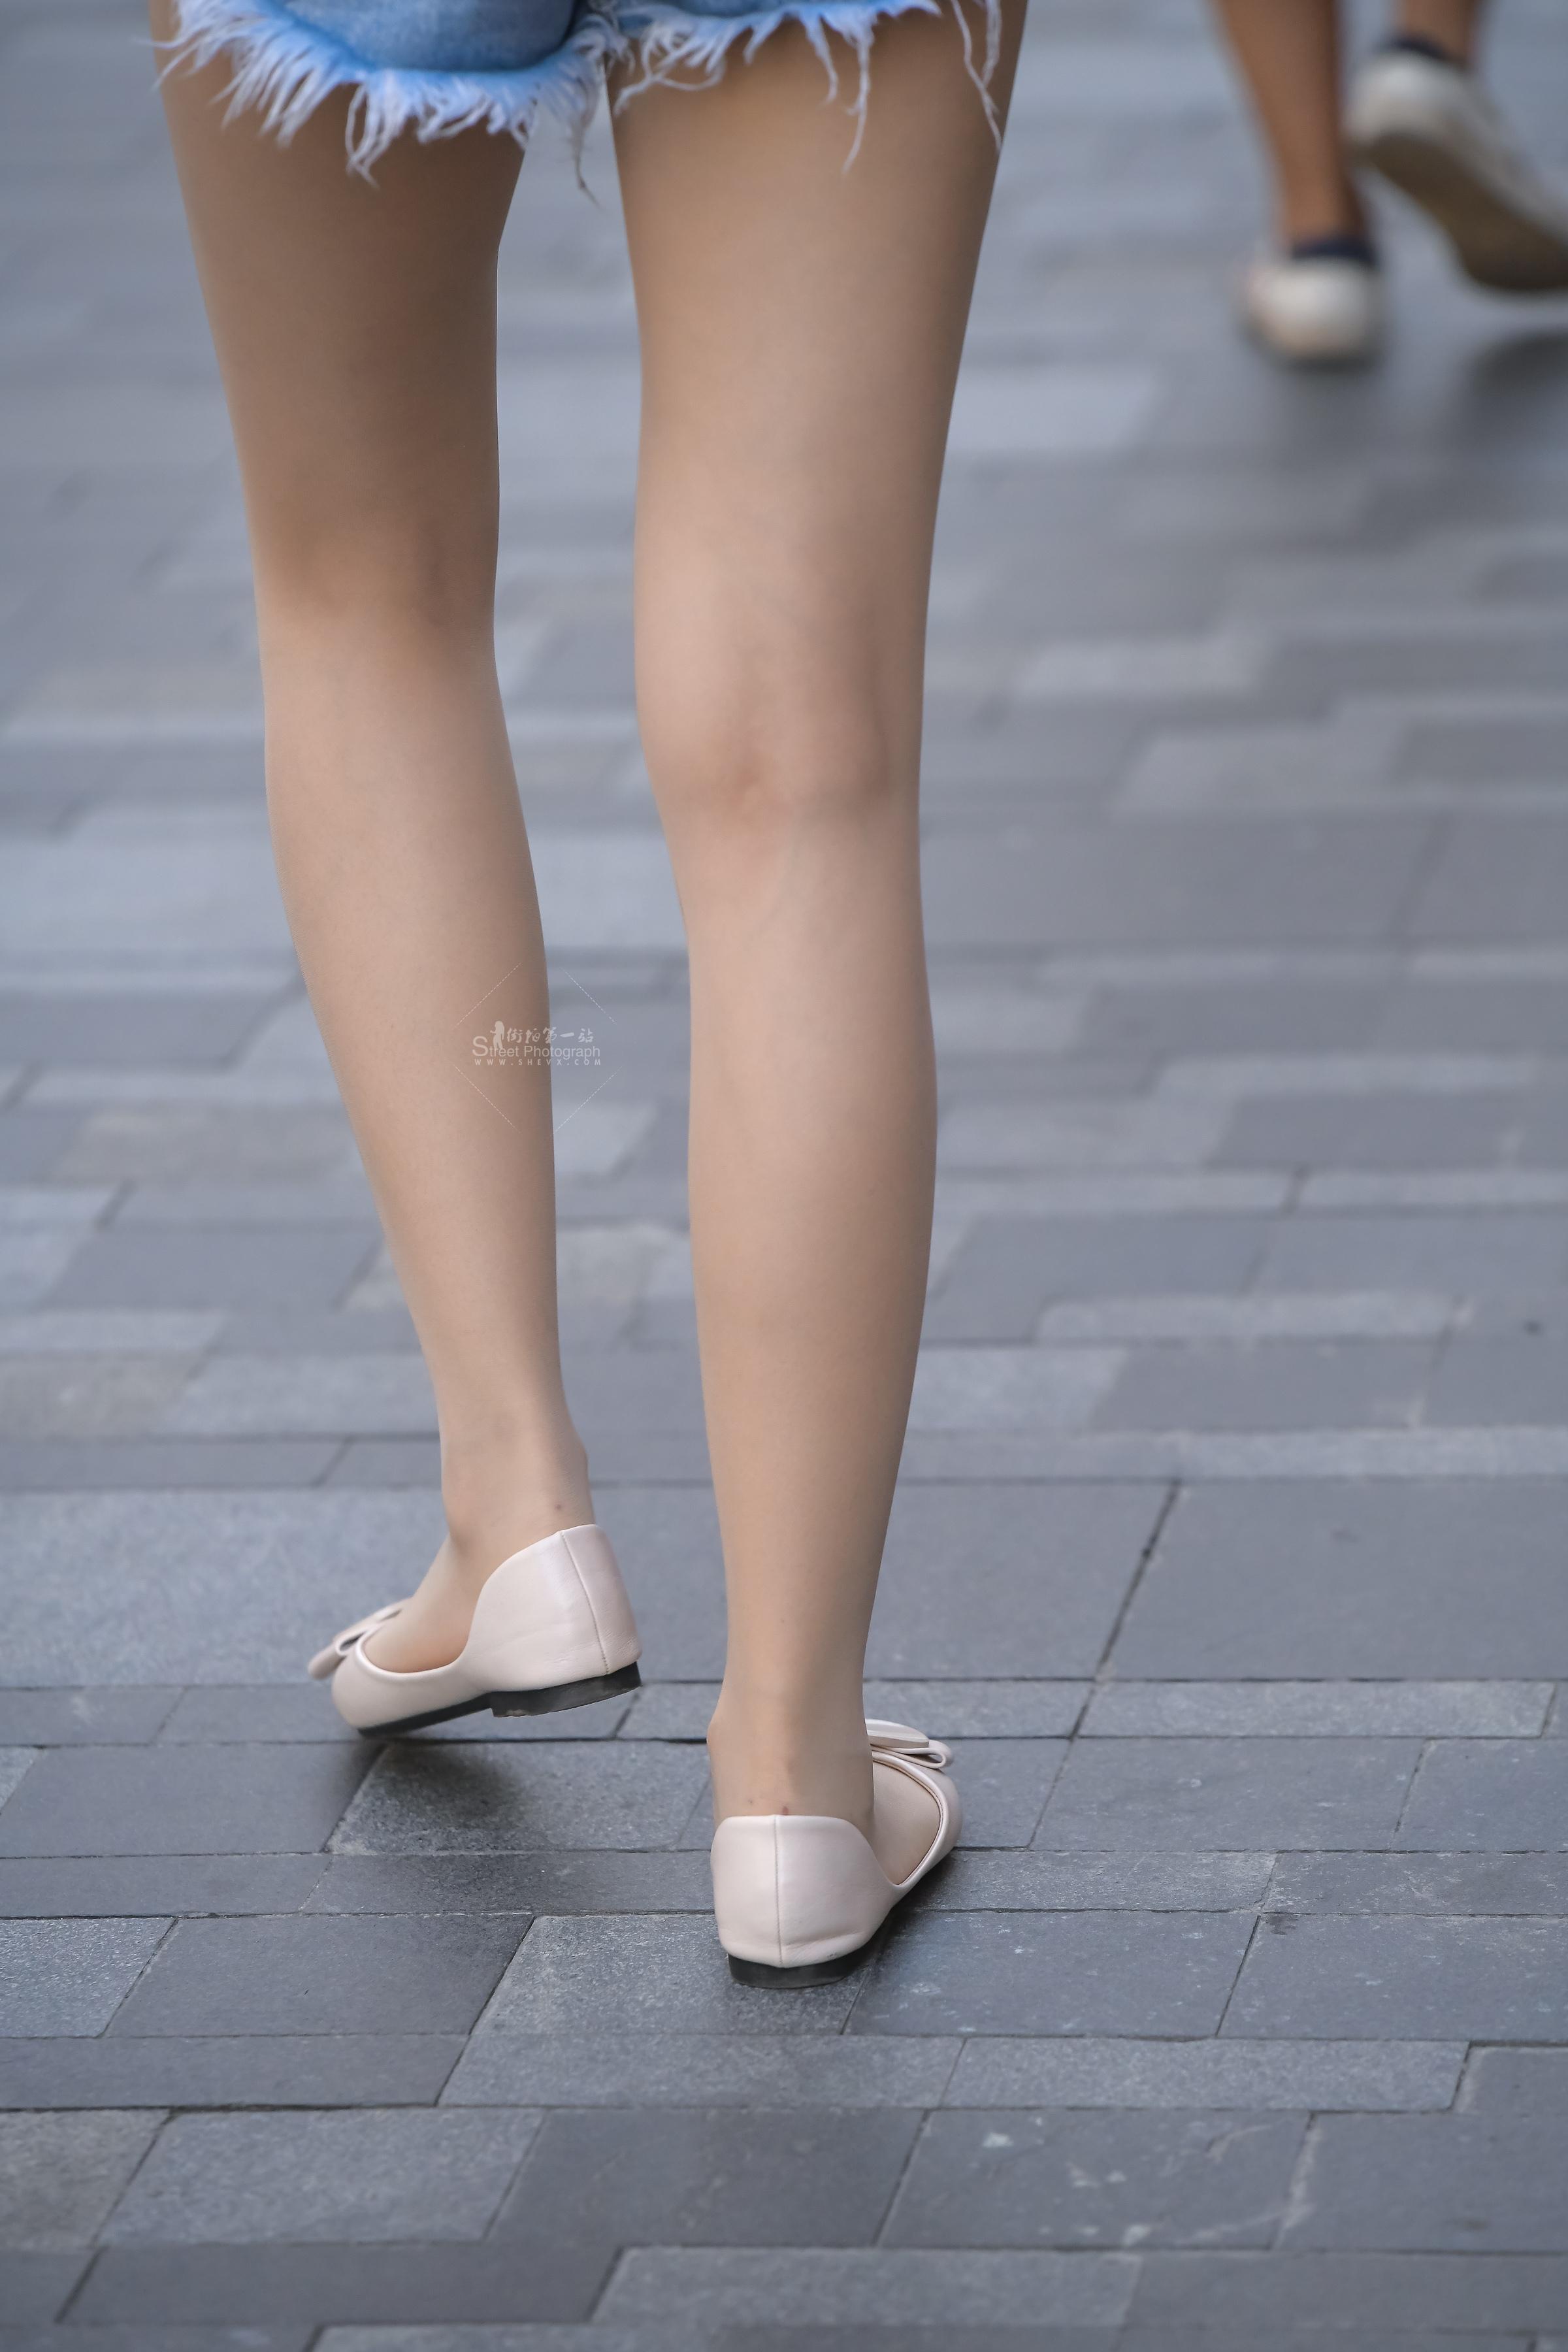 街拍丝袜 肉 丝袜的?#25913;?#38236;头都无法拍出质感和纹理,这个姑娘很讲究,腿长人也美 最新街拍丝袜图片 街拍丝袜第一站